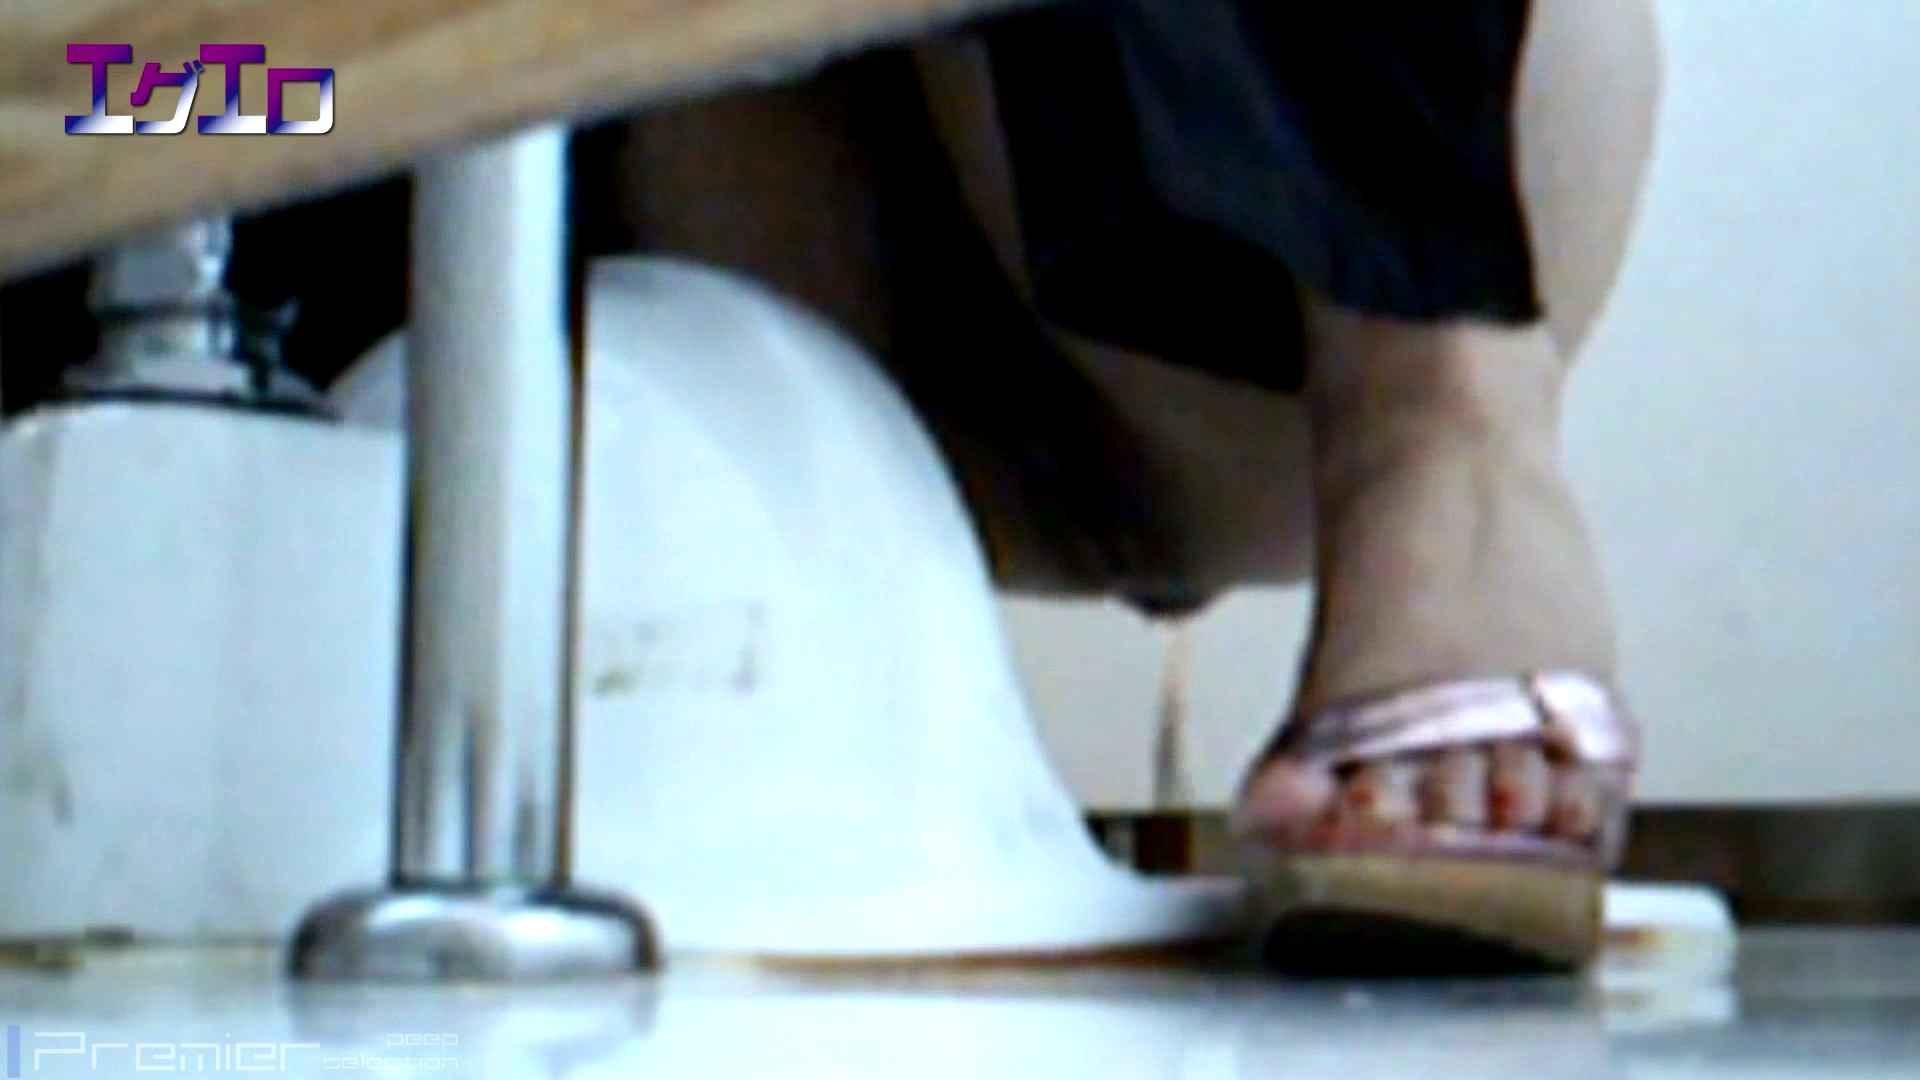 至近距離洗面所 Vol.09夏ギャルキタ~和式トイレ放nyoショー 洗面所 すけべAV動画紹介 80画像 6